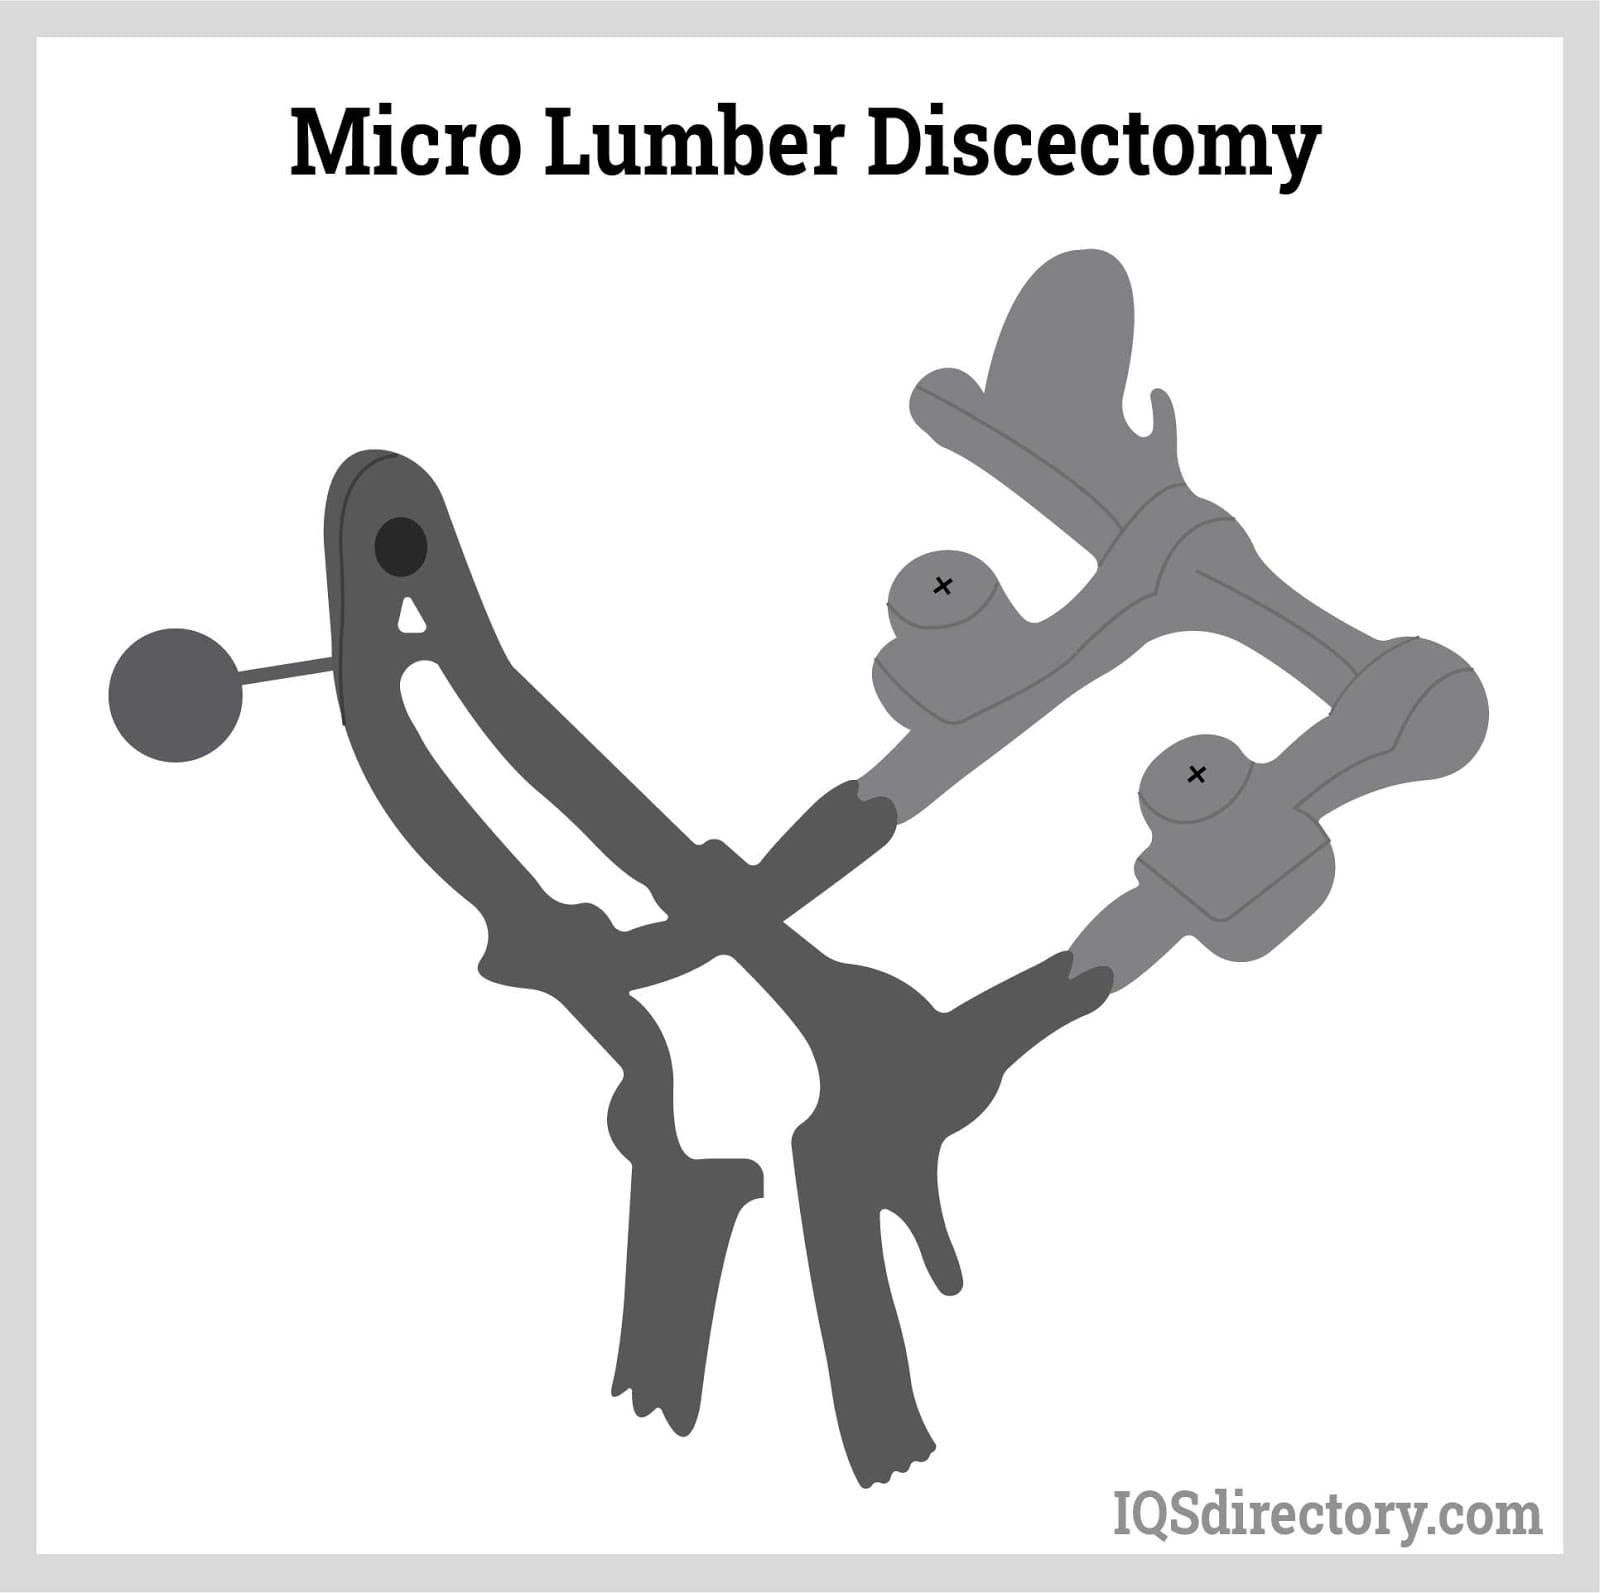 Micro Lumbar Discectomy